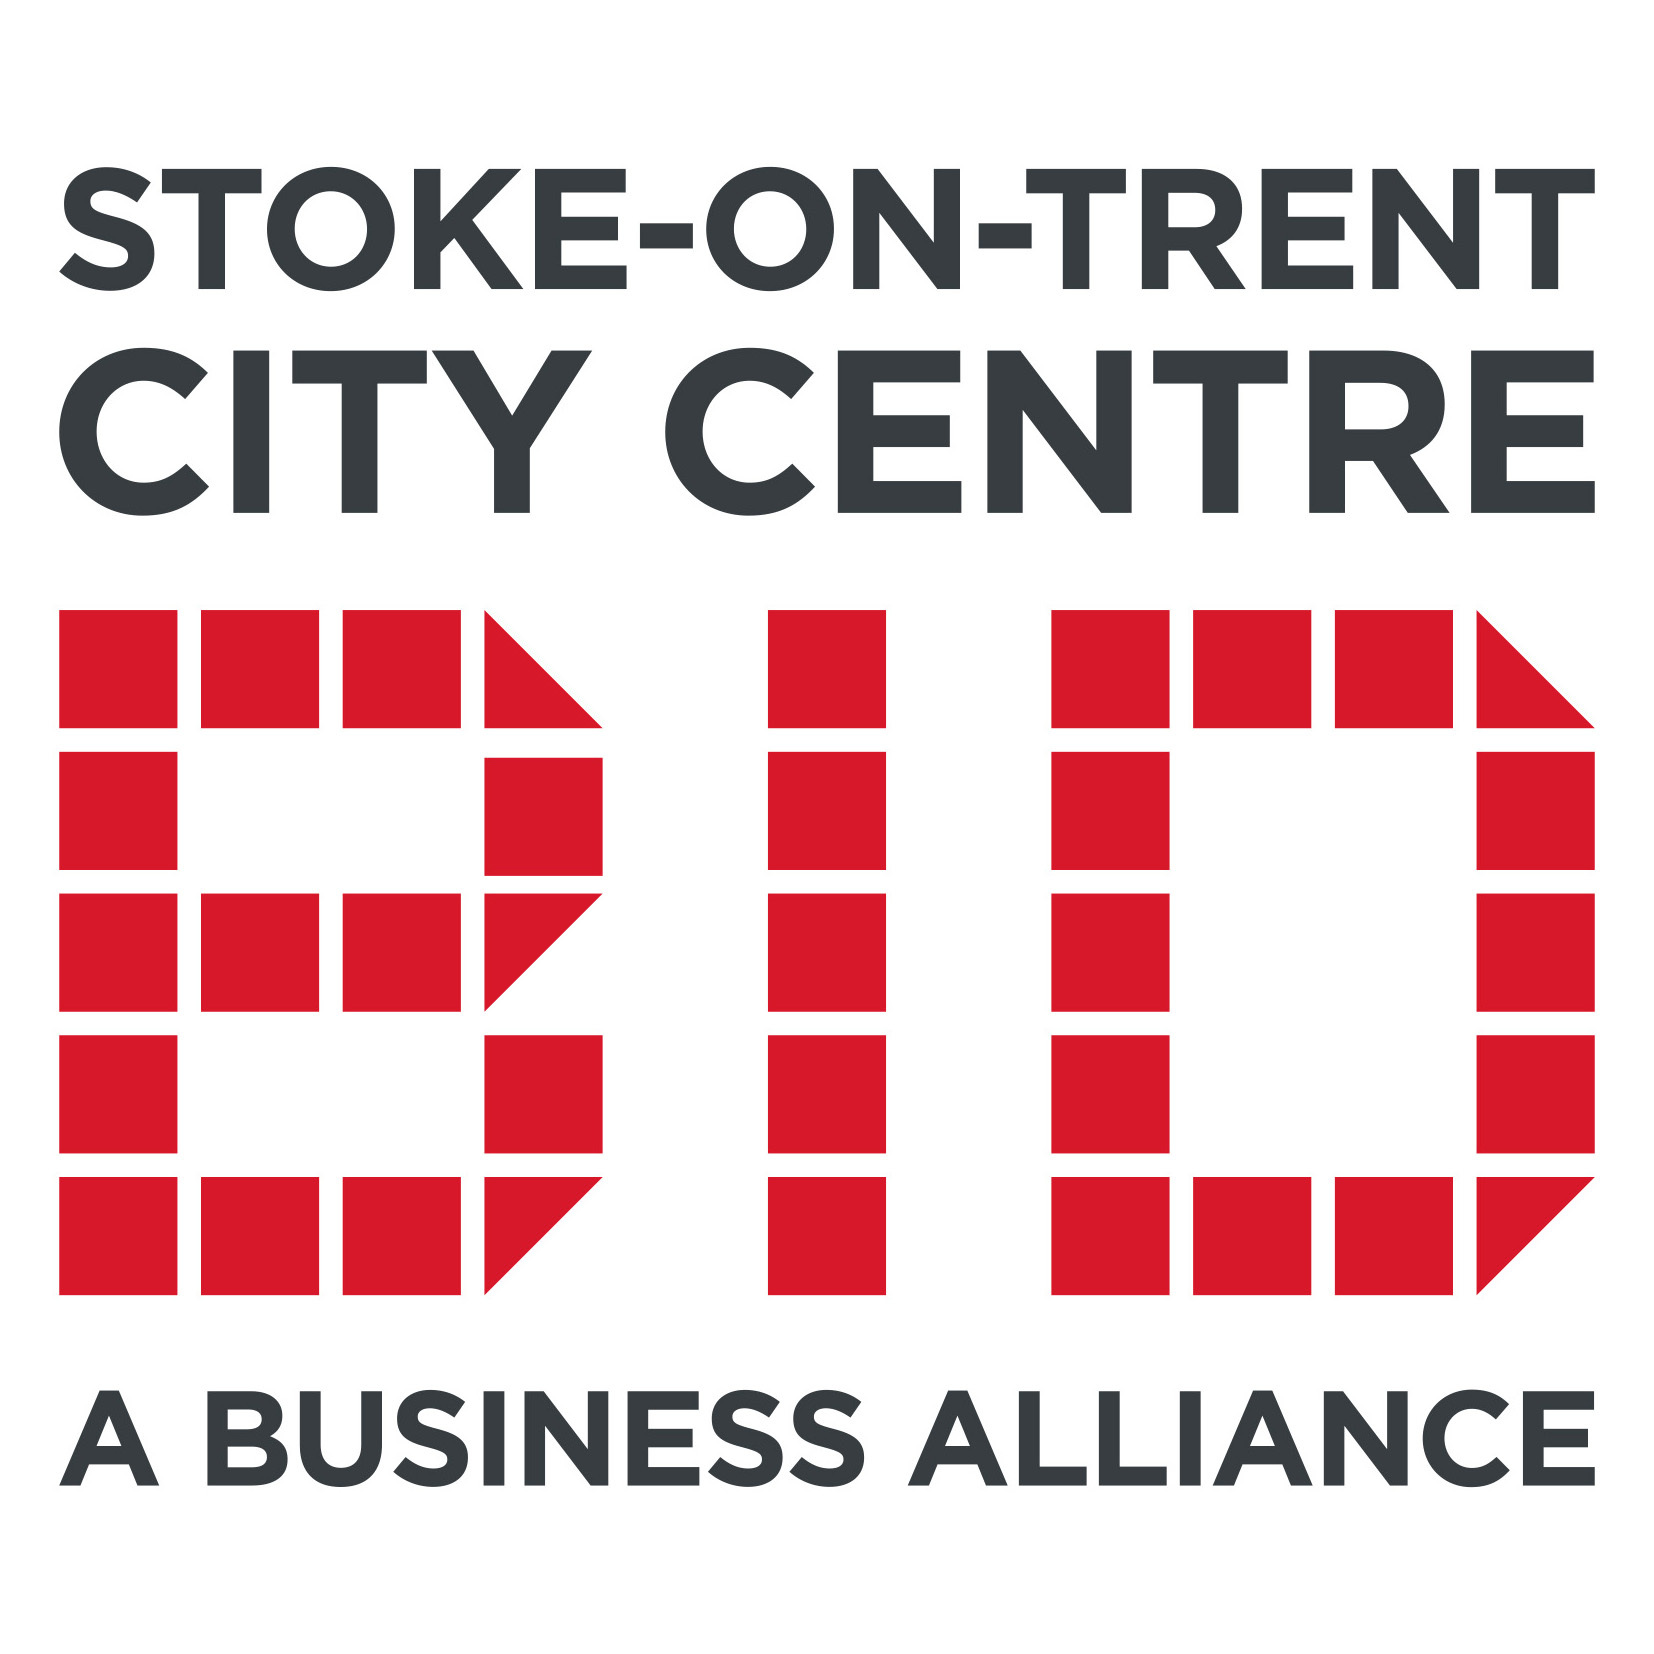 Stoke-on-Trent City Centre BID